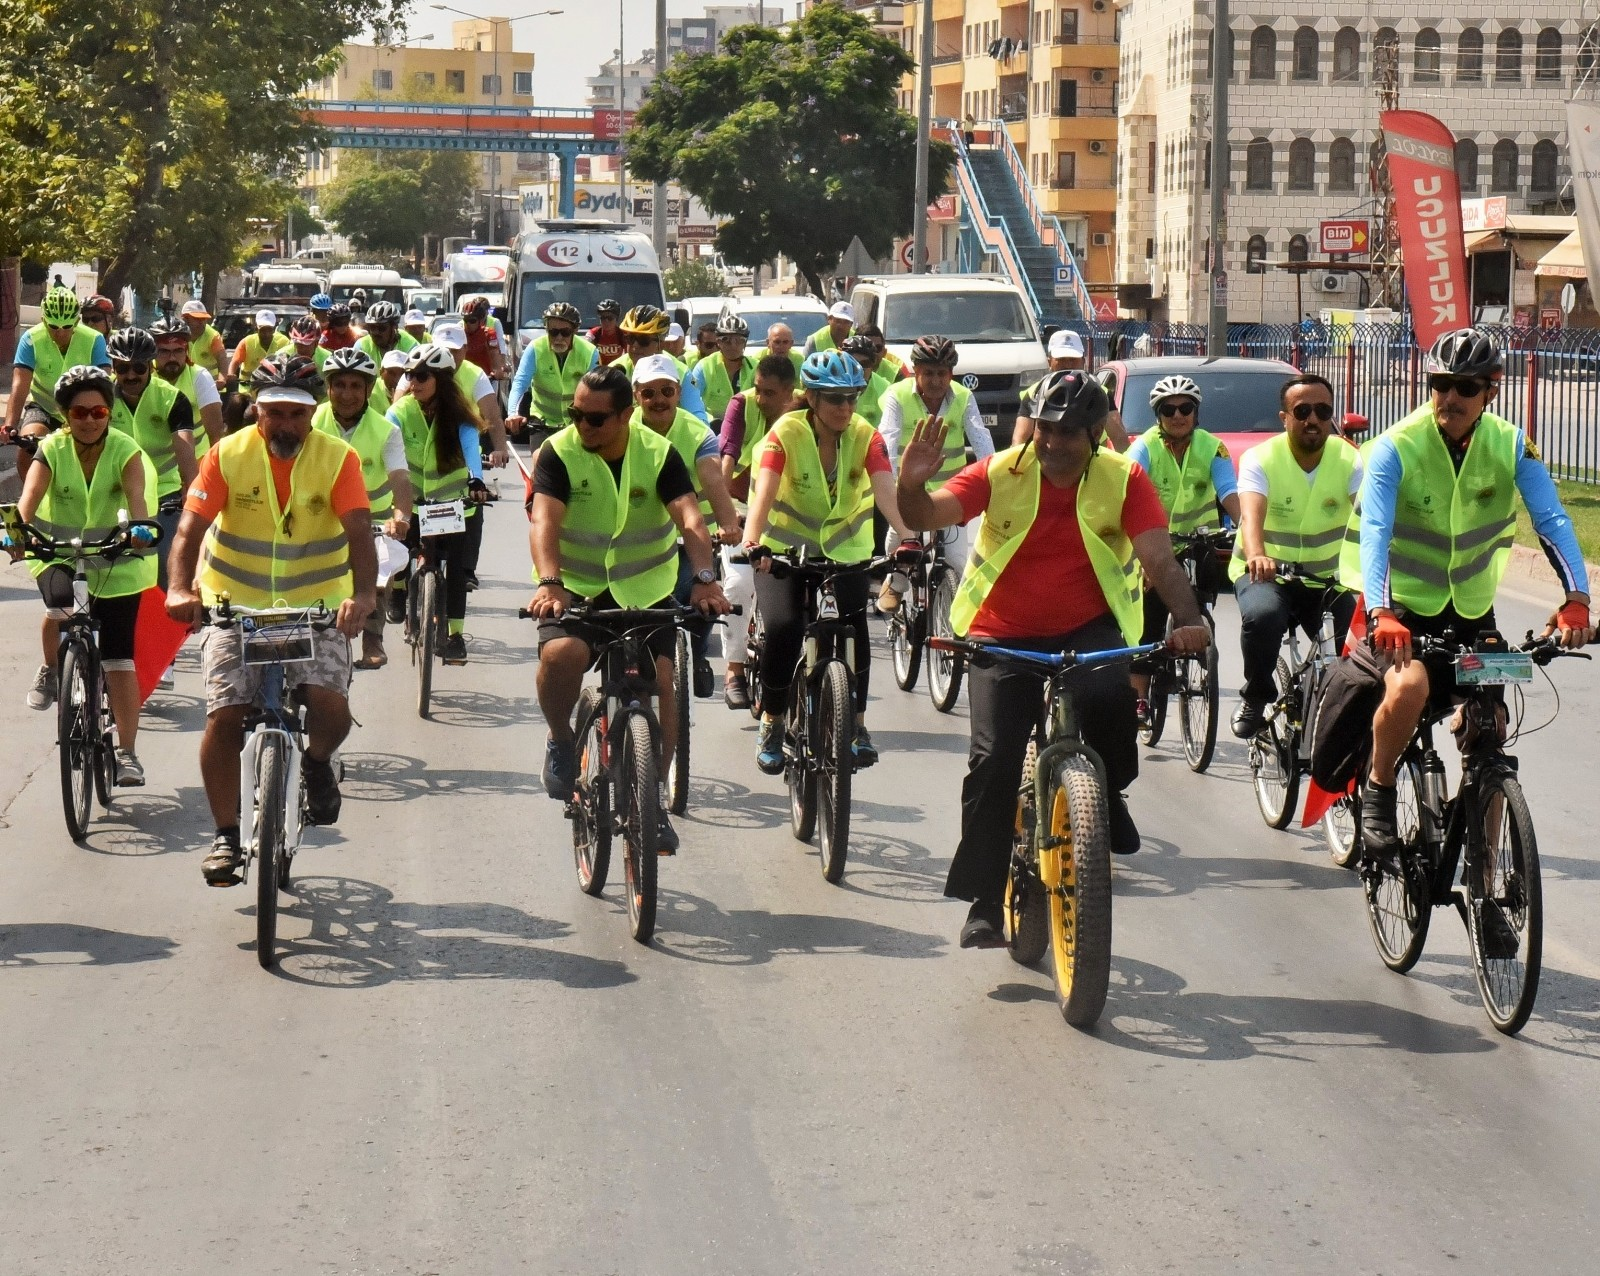 toroslar belediyesi 15 temmuzda odullu bisiklet yarisi duzenleyecek.klufaxubwbyvkxupwnu5aja5knyds e5alyds7yvwlyba3yvgfu9alyds7urgxufkjyfwlu1kbq9az